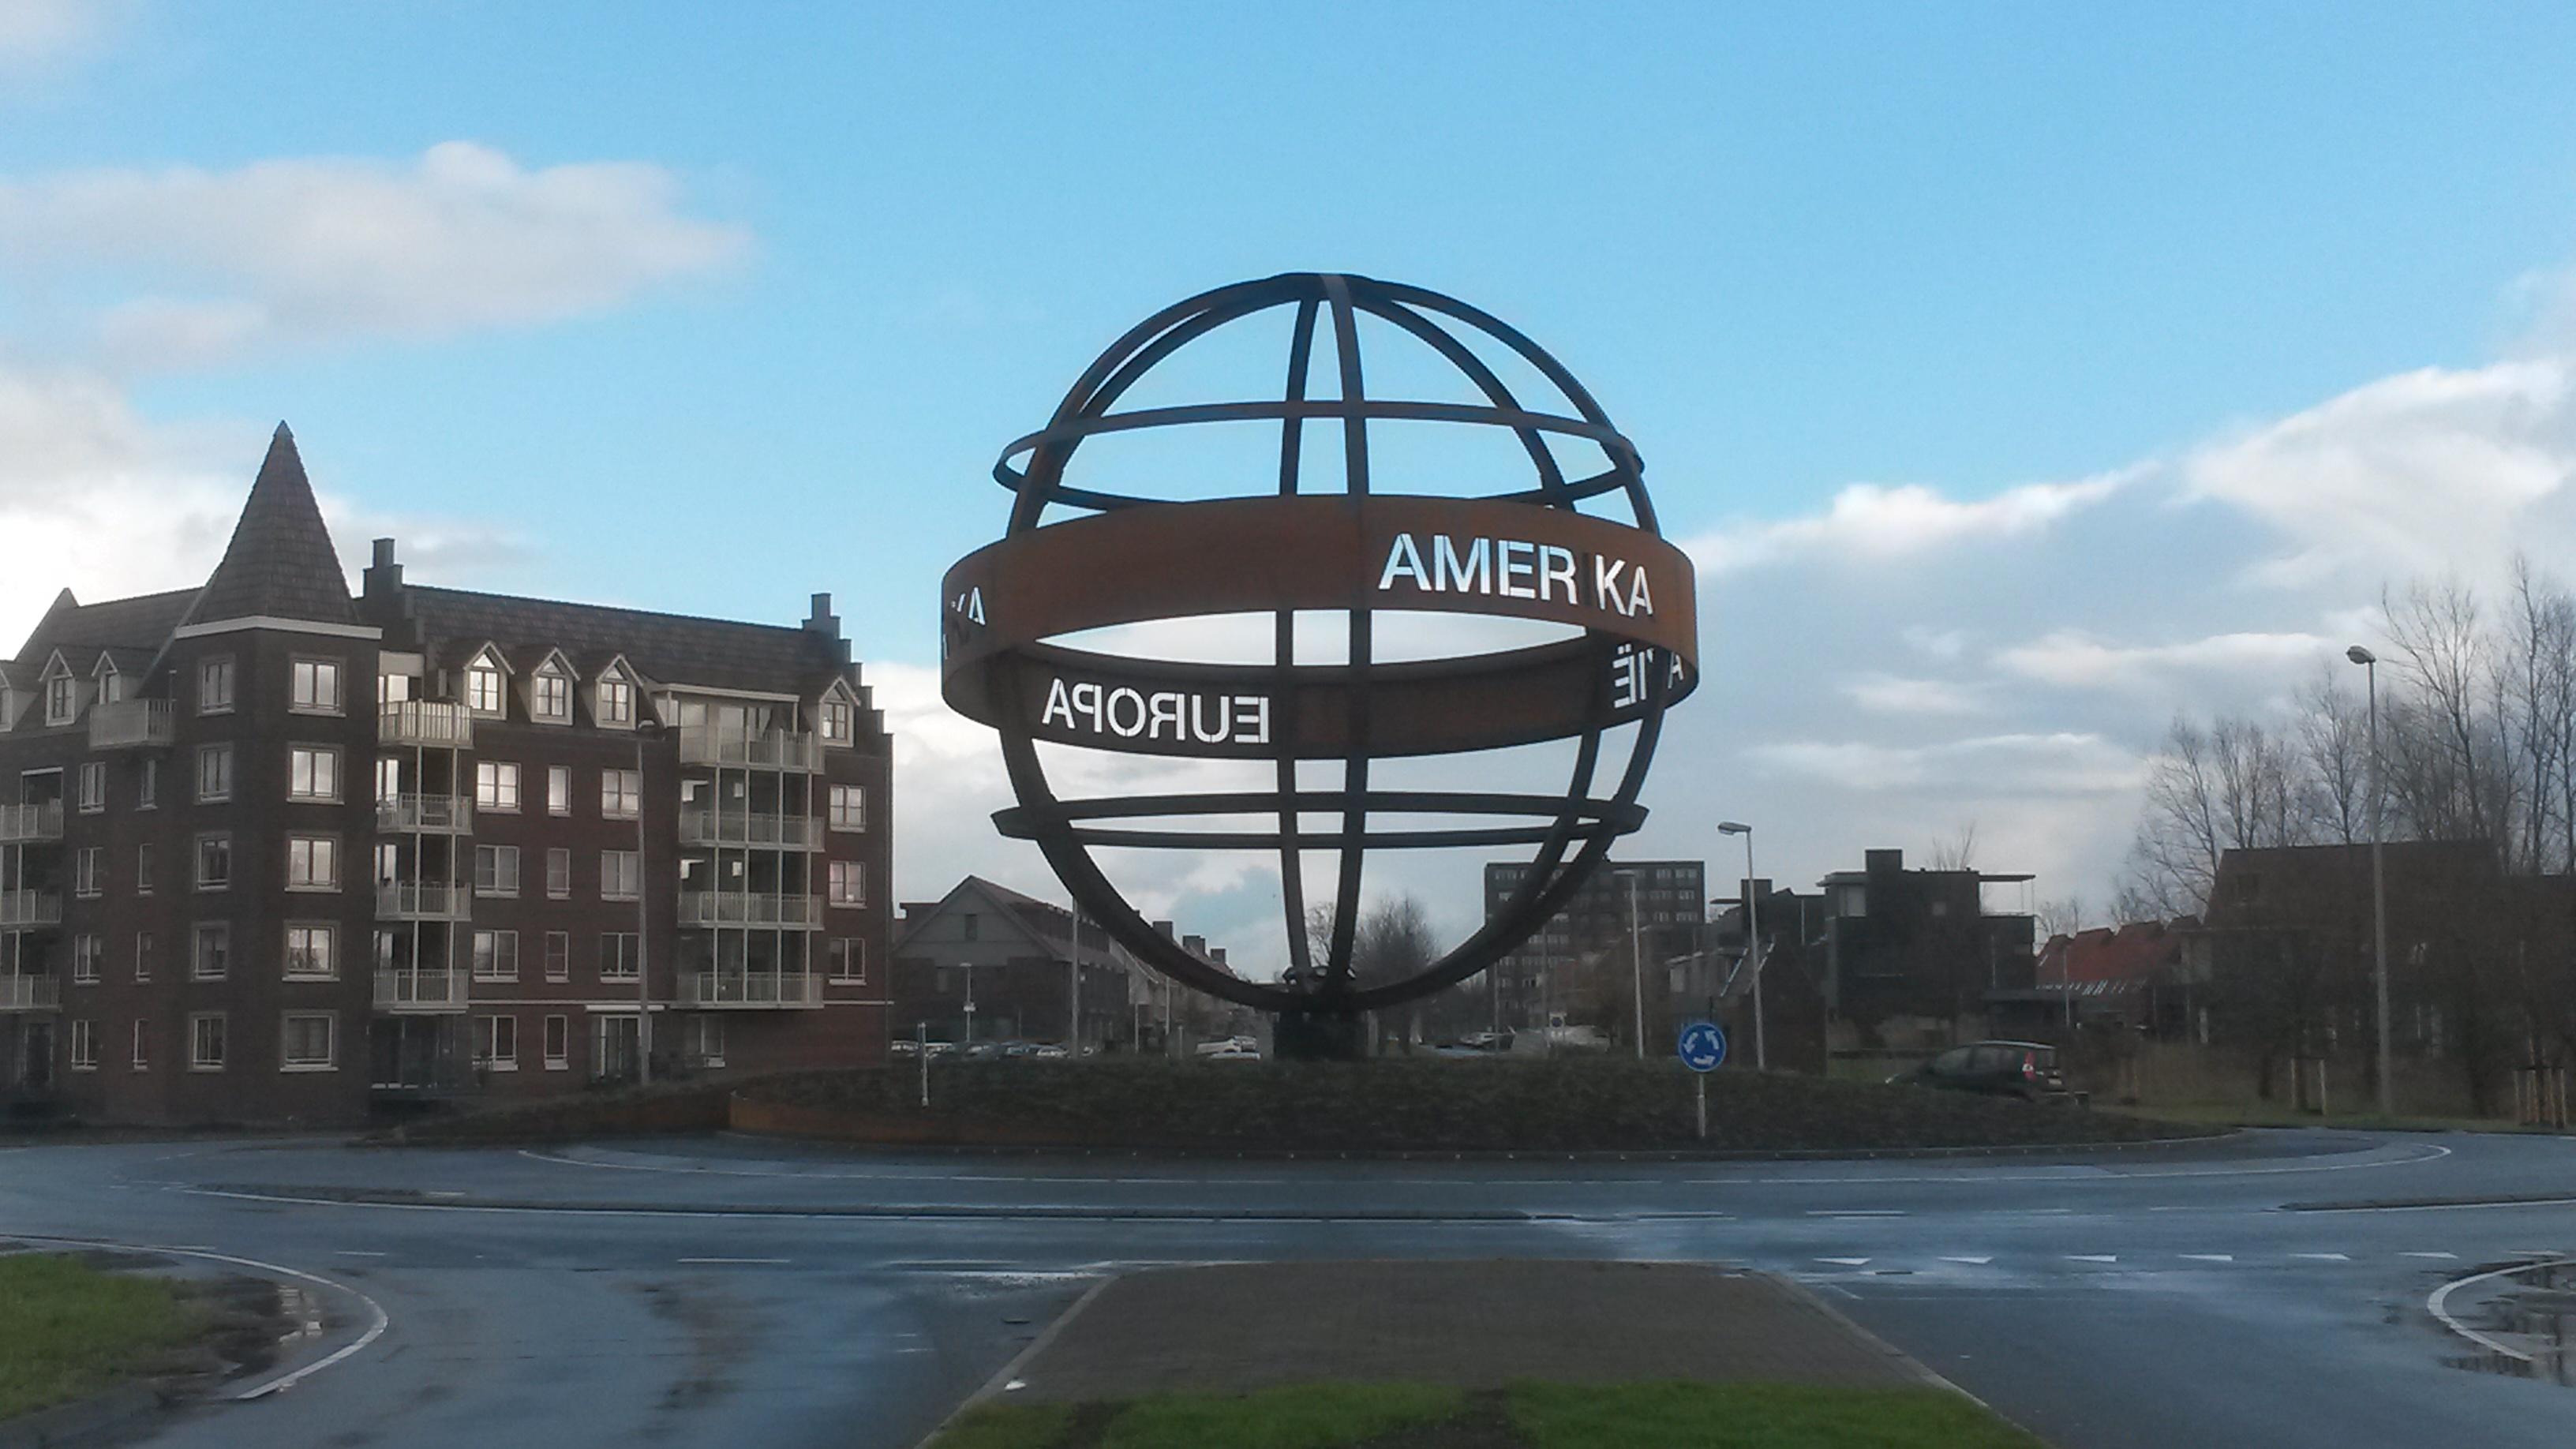 De wereldbol in Weidevenne heeft een stoere uitstraling.